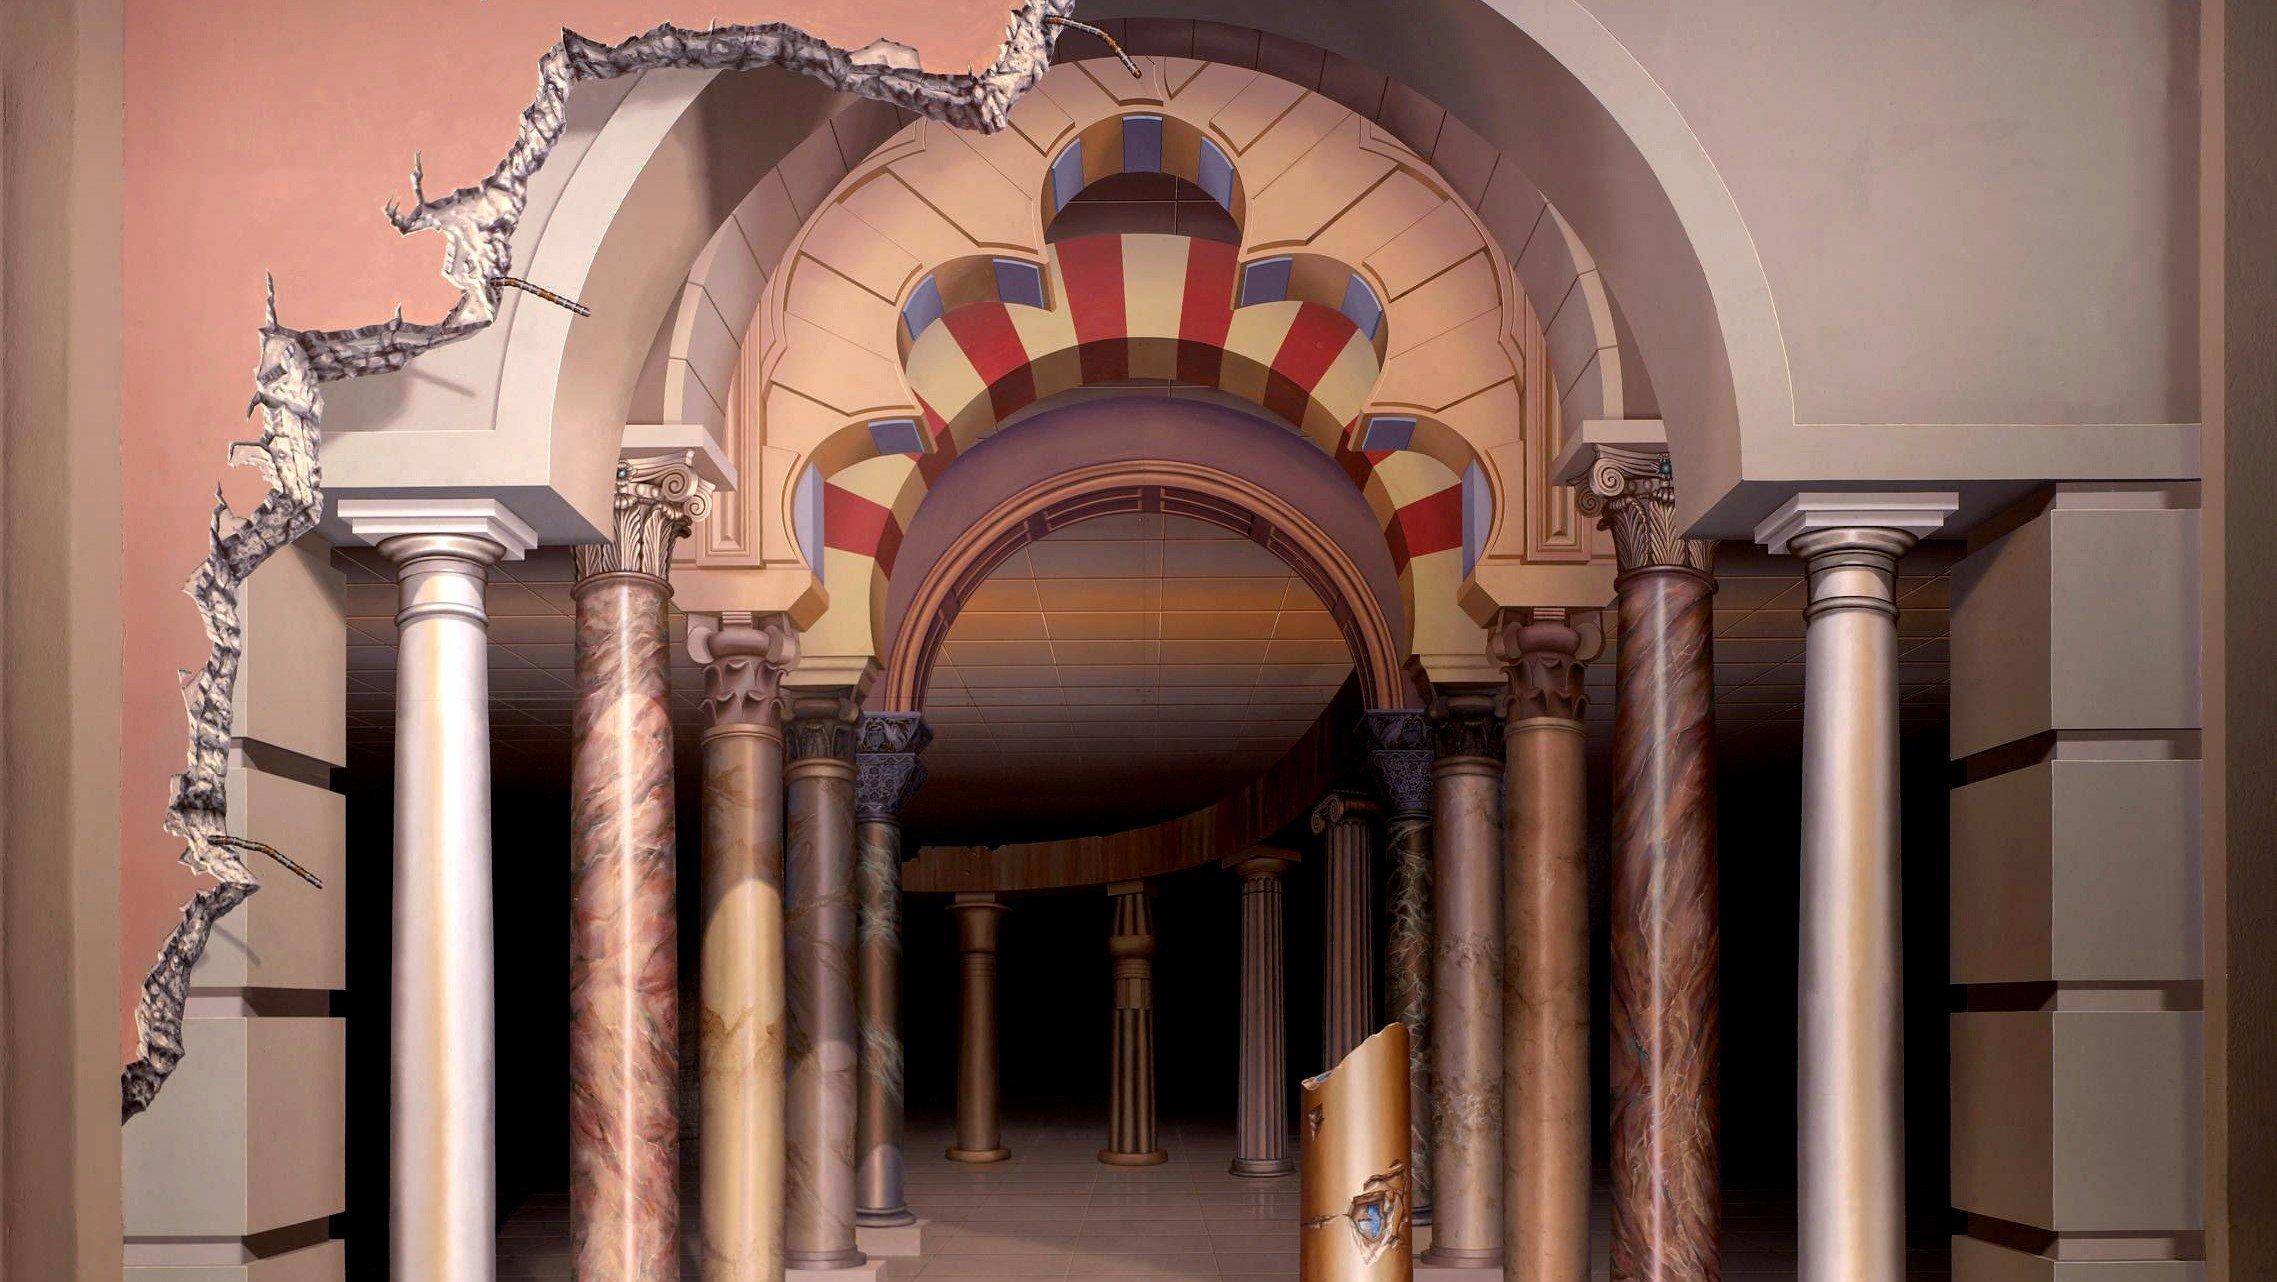 Colonnade Los Gatos CA Trompe L'oeil Mural By John Pugh